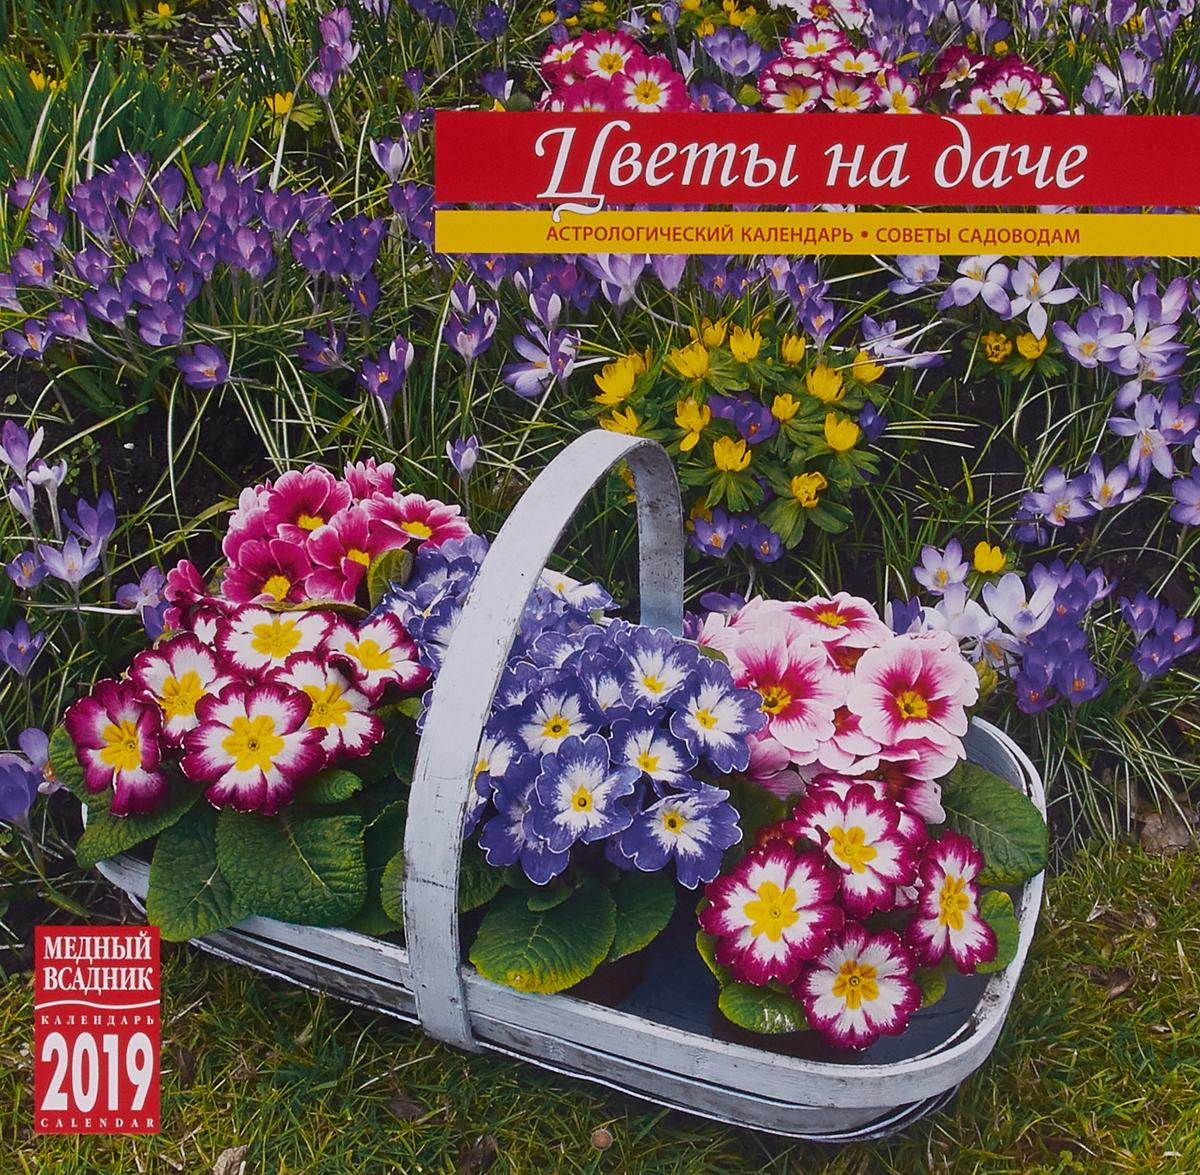 купить Календарь на скрепке на 2019 год. Цветы на даче по цене 187 рублей